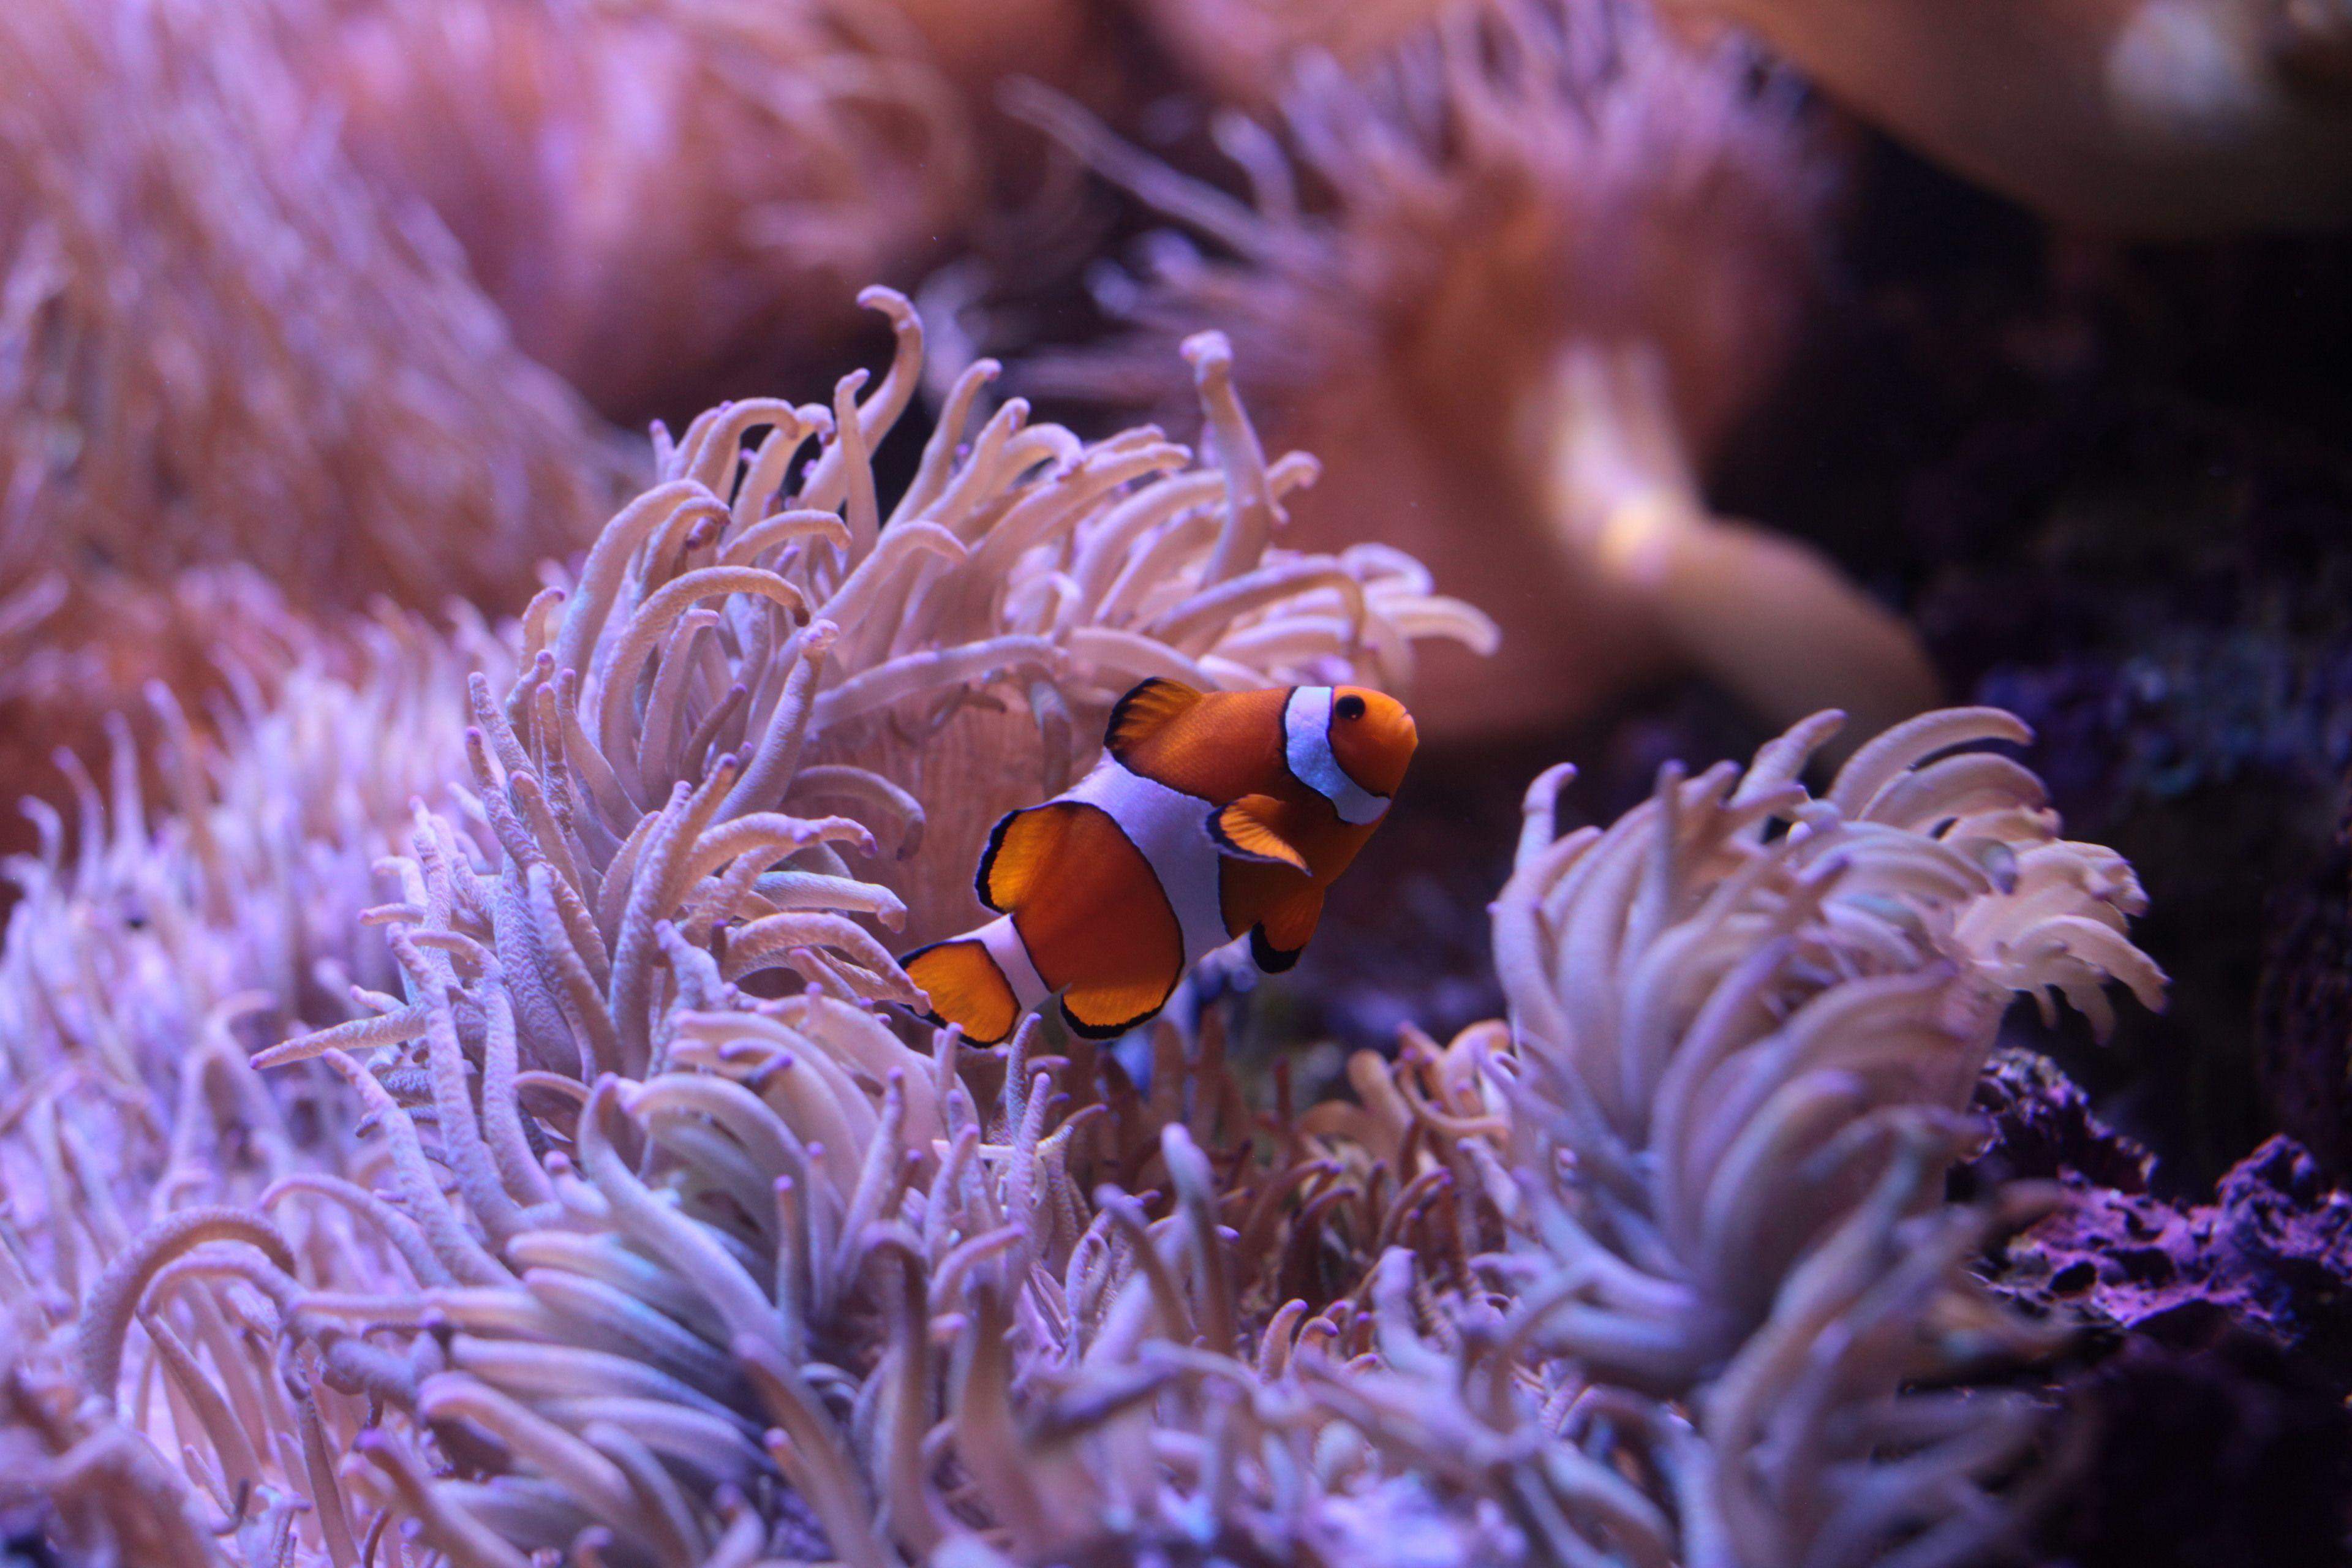 Clown Anemonefish at SEA LIFE Sydney Aquarium.JPG